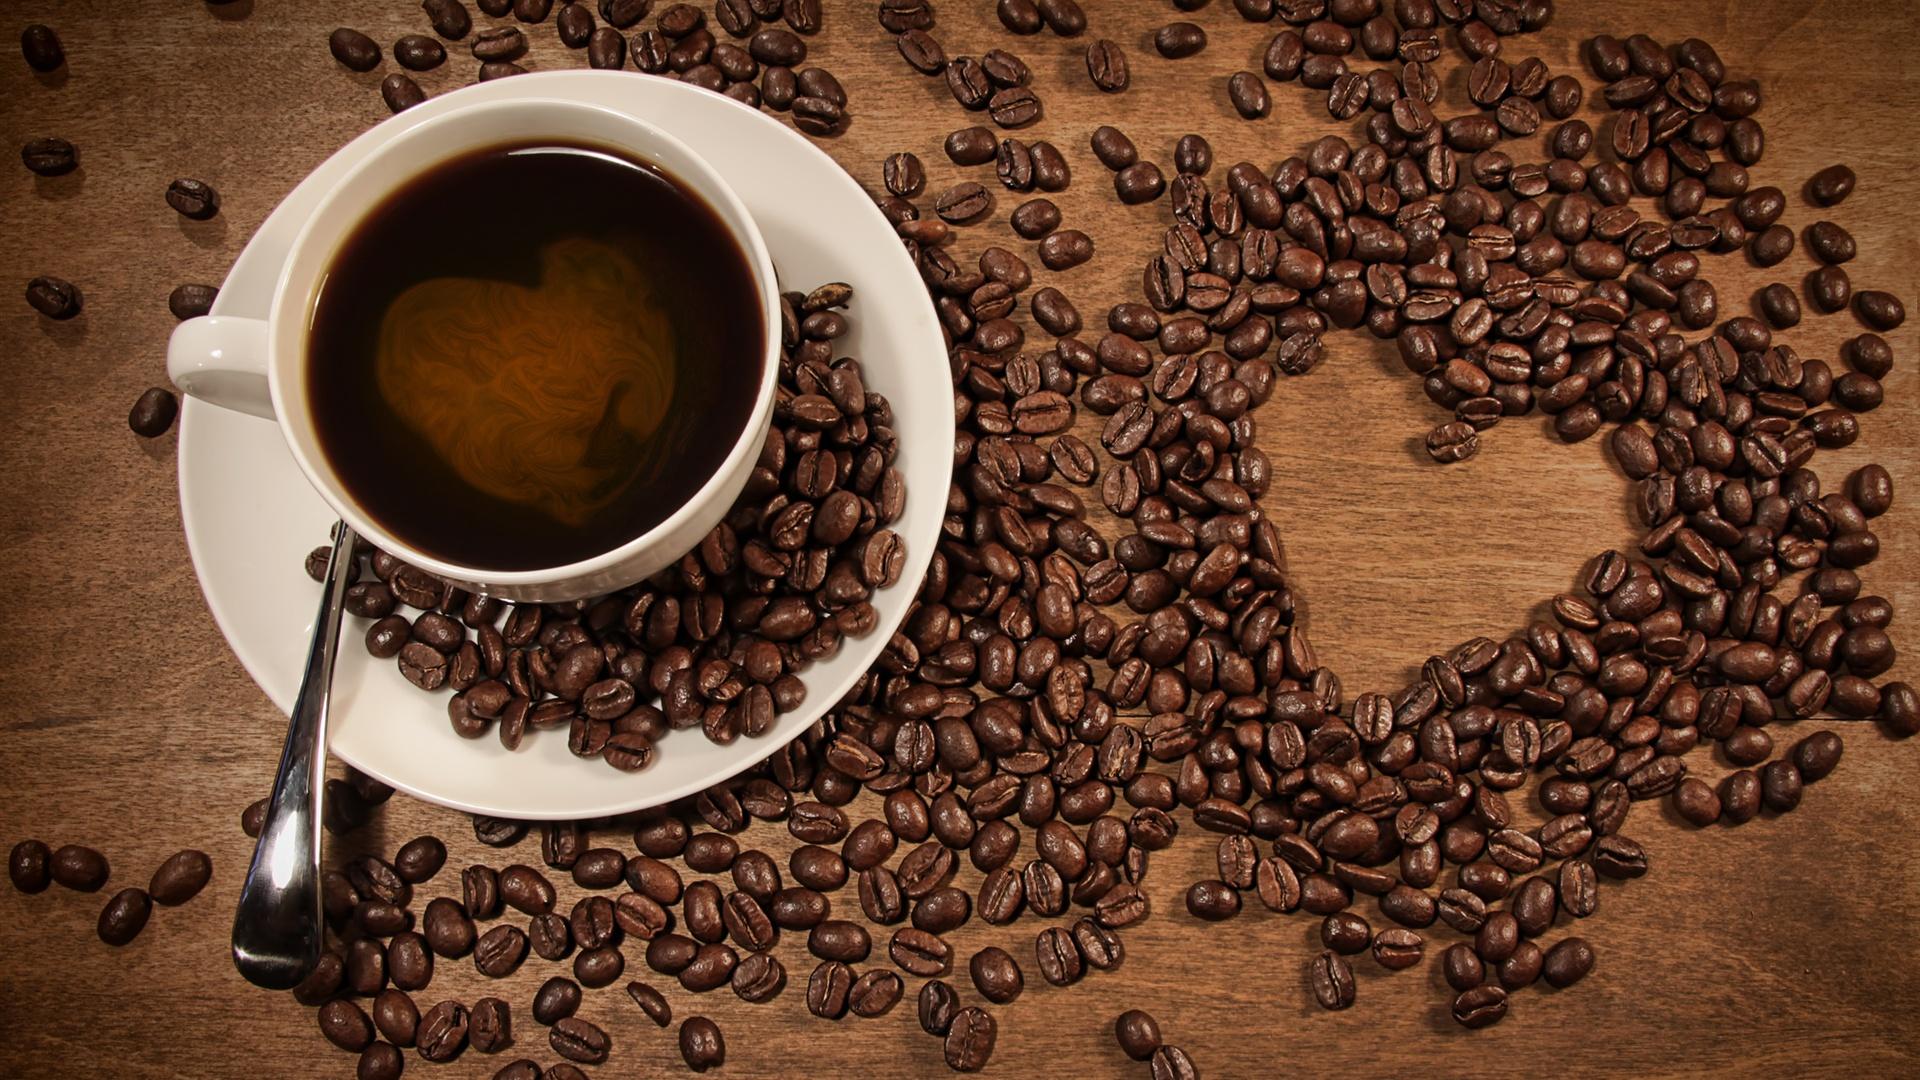 Pap is de parede uma x cara de caf gr os de caf - Bilder cappuccino ...